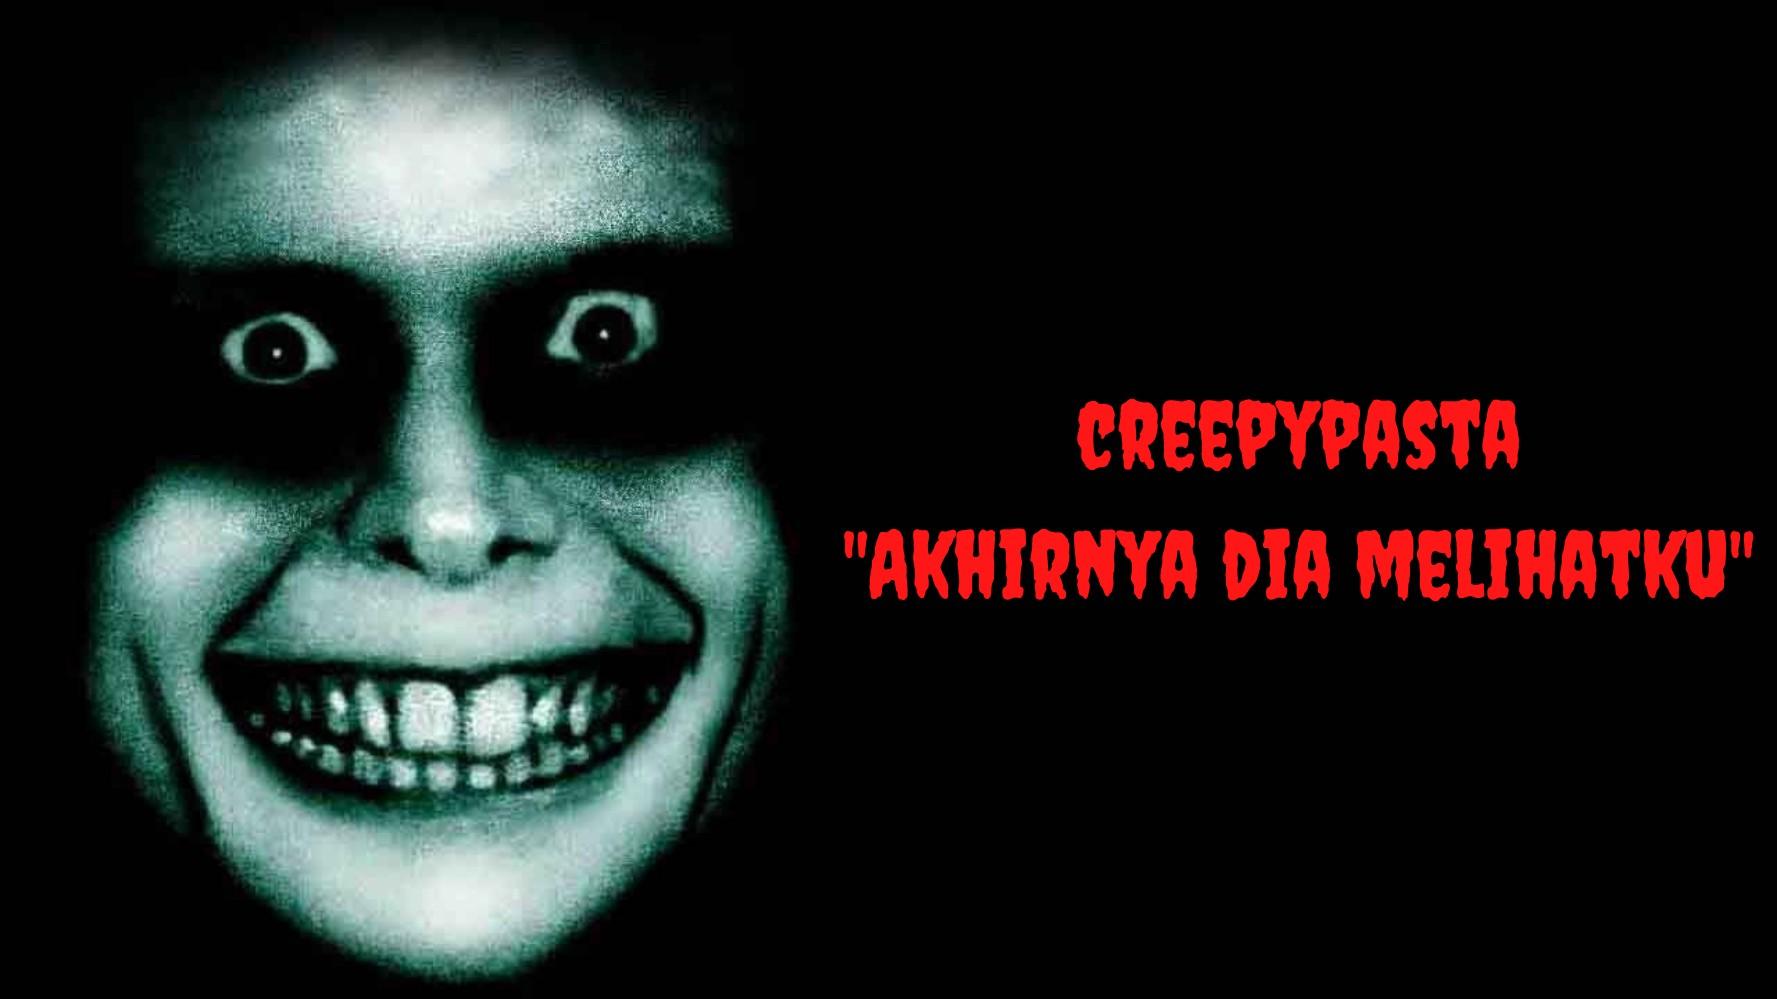 CreepyPasta Akhirnya Dia Melihatku